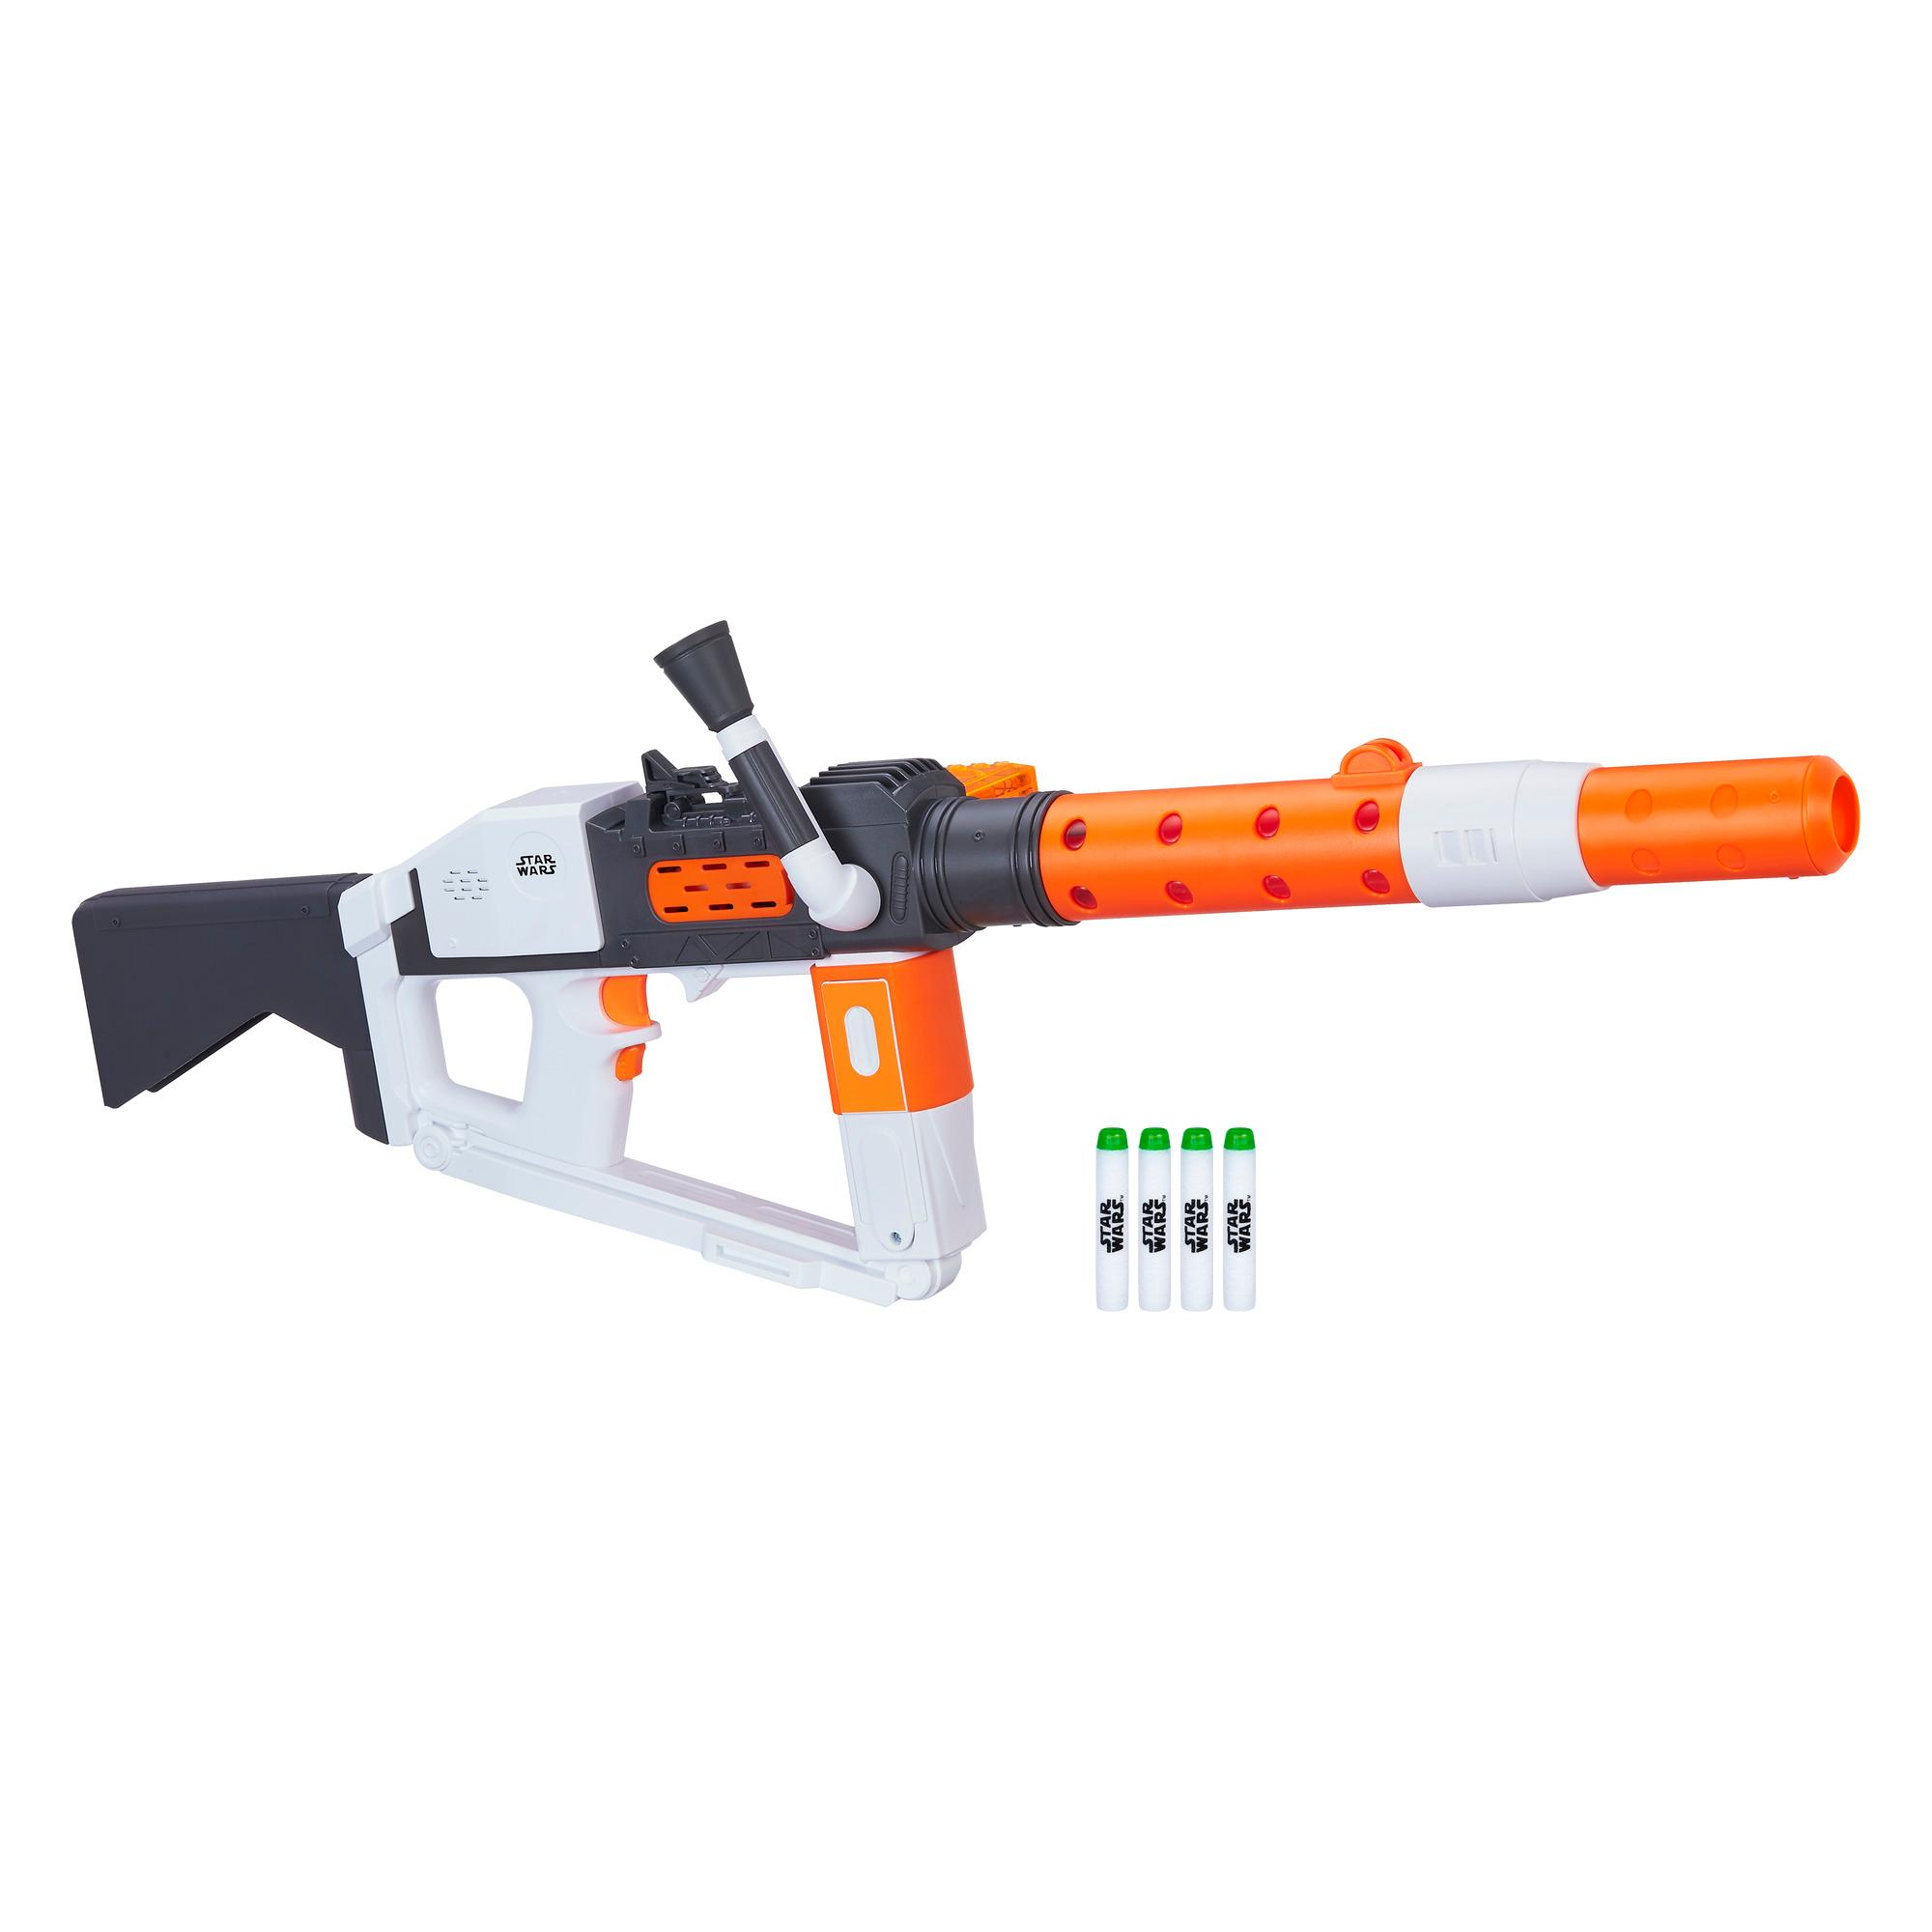 星球大戰豪華版激光槍